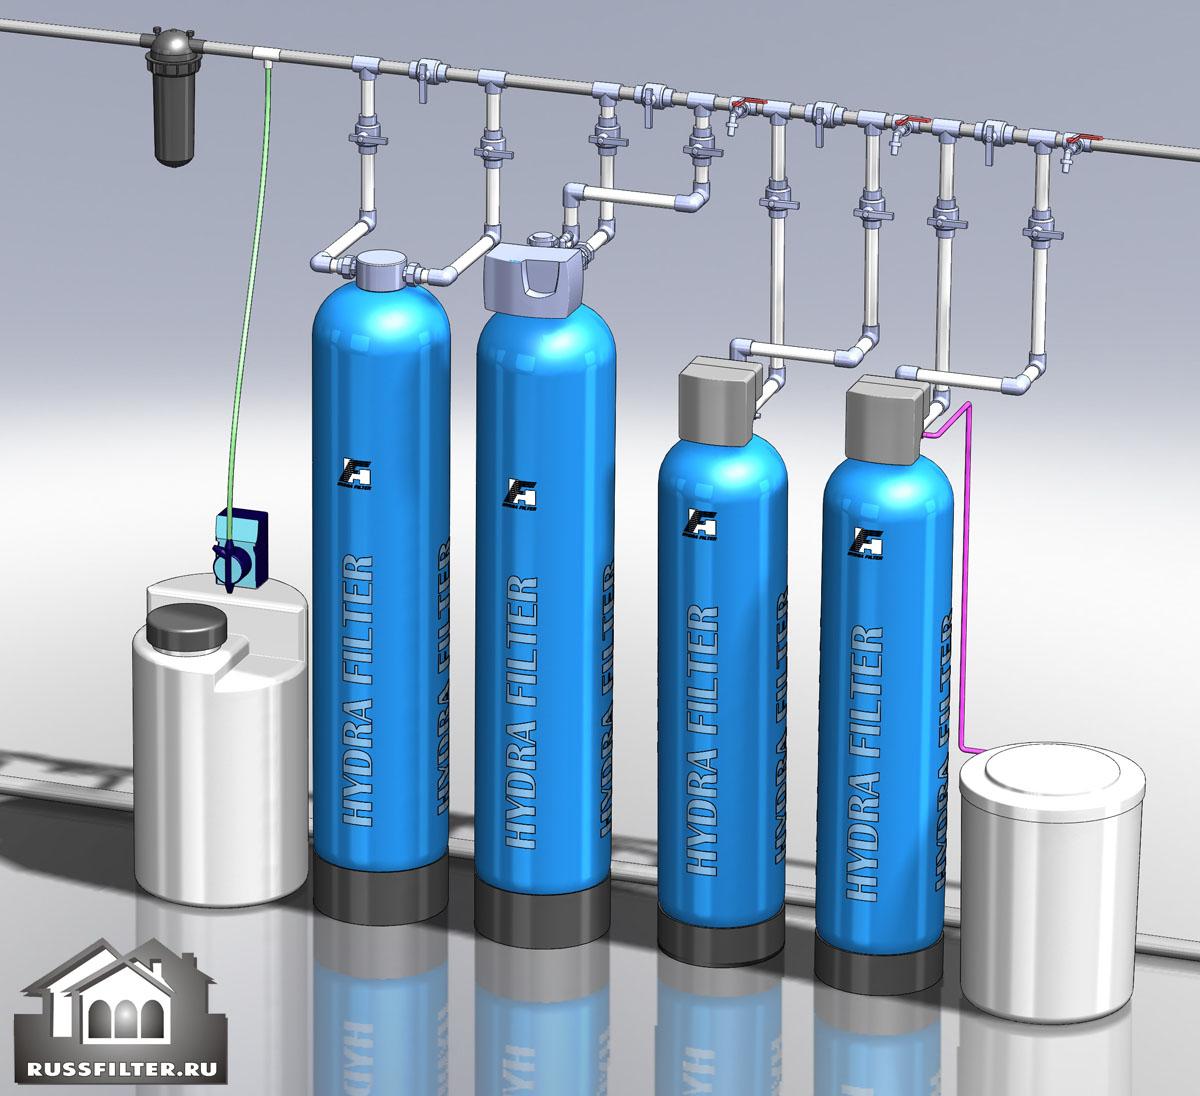 Водоподготовка для коттеджа #2. 2300 л/час (5-6 одновременно открытых крана) Растворенное железо до 10 мг/л, жесткость до 10